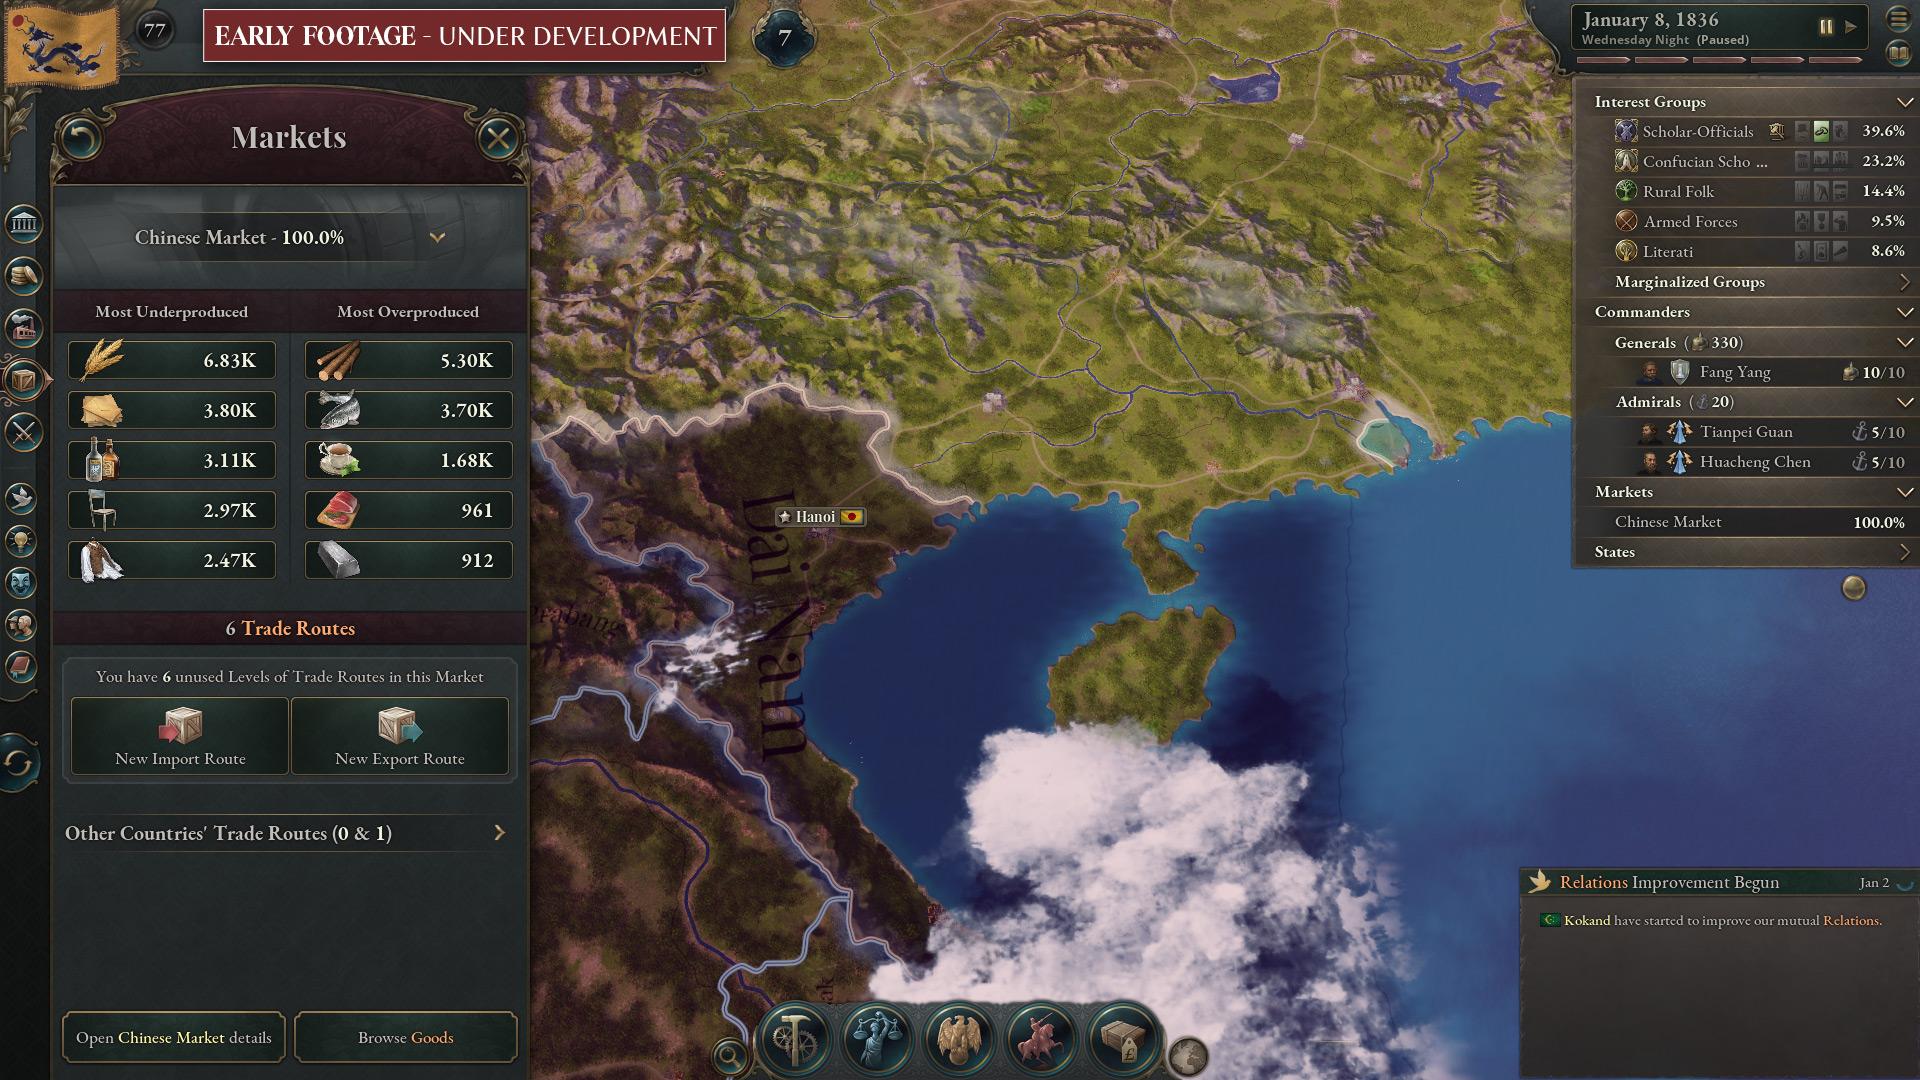 Victoria 3 анонсирована  много деталей об игре